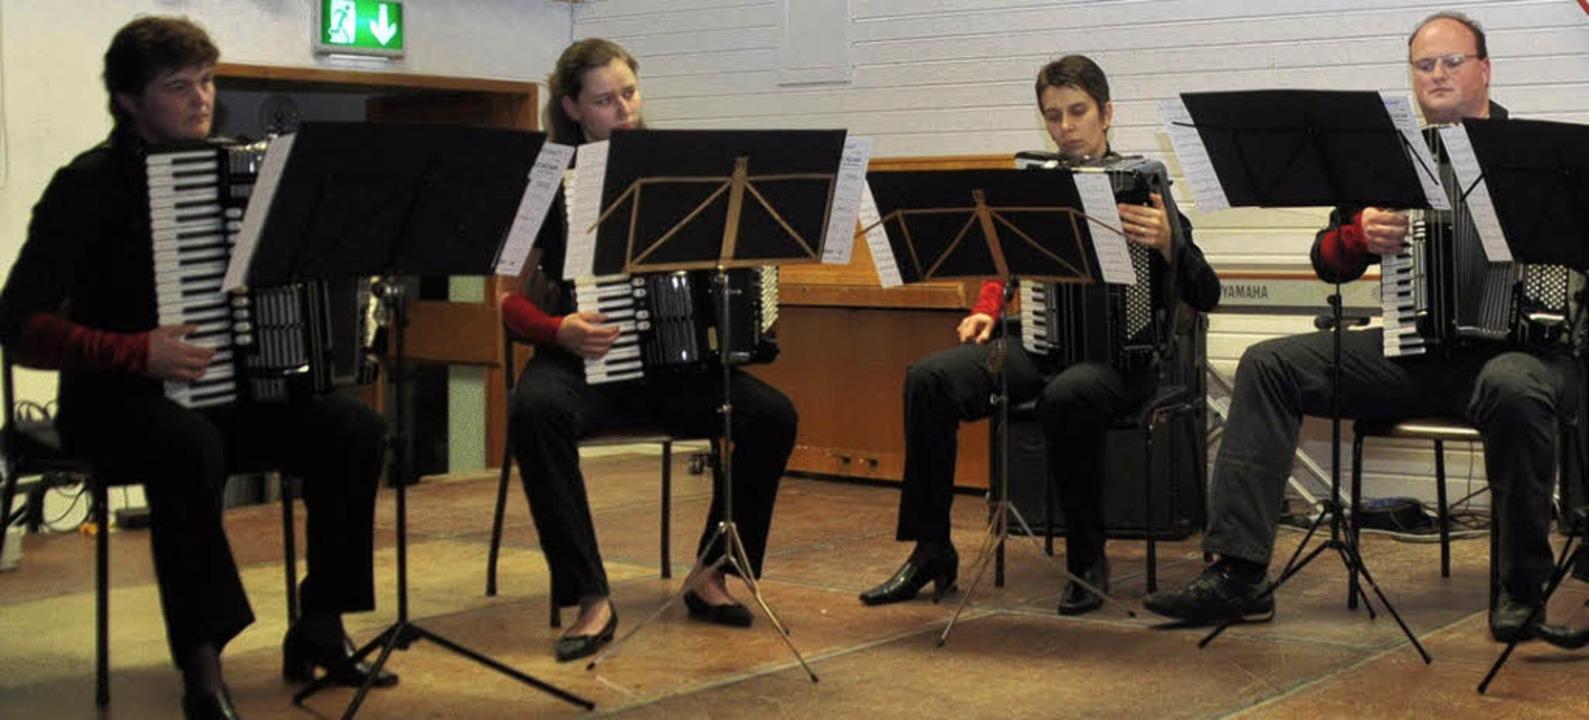 Mitglieder des Akkordeonspielrings Umkirch/Gottenheim bei ihrem Konzert.   | Foto: Julius Steckmeister